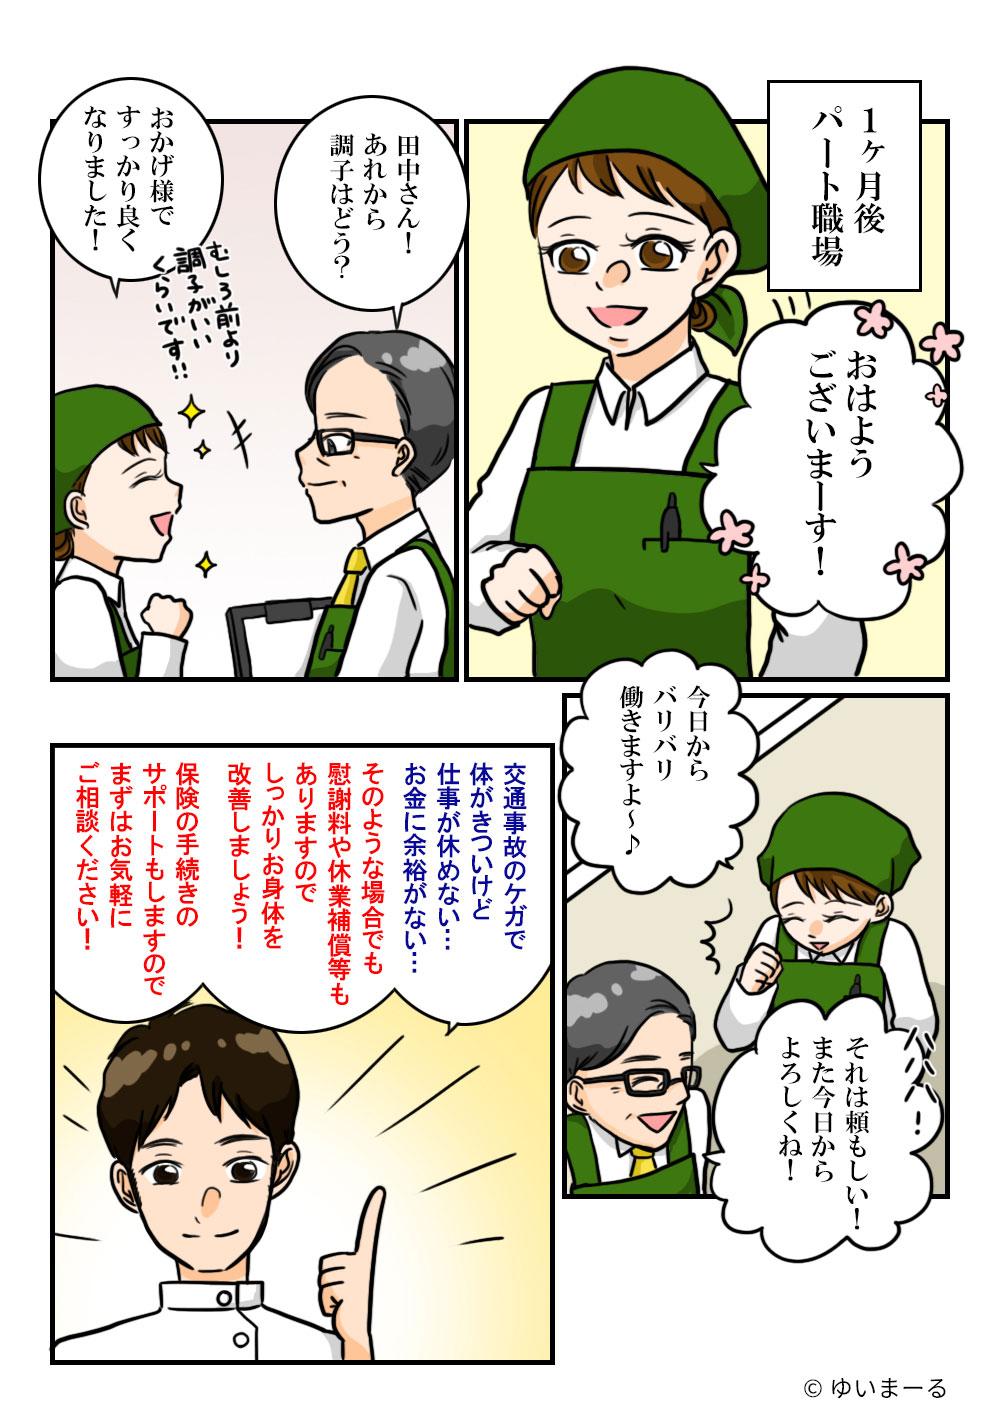 漫画6-5